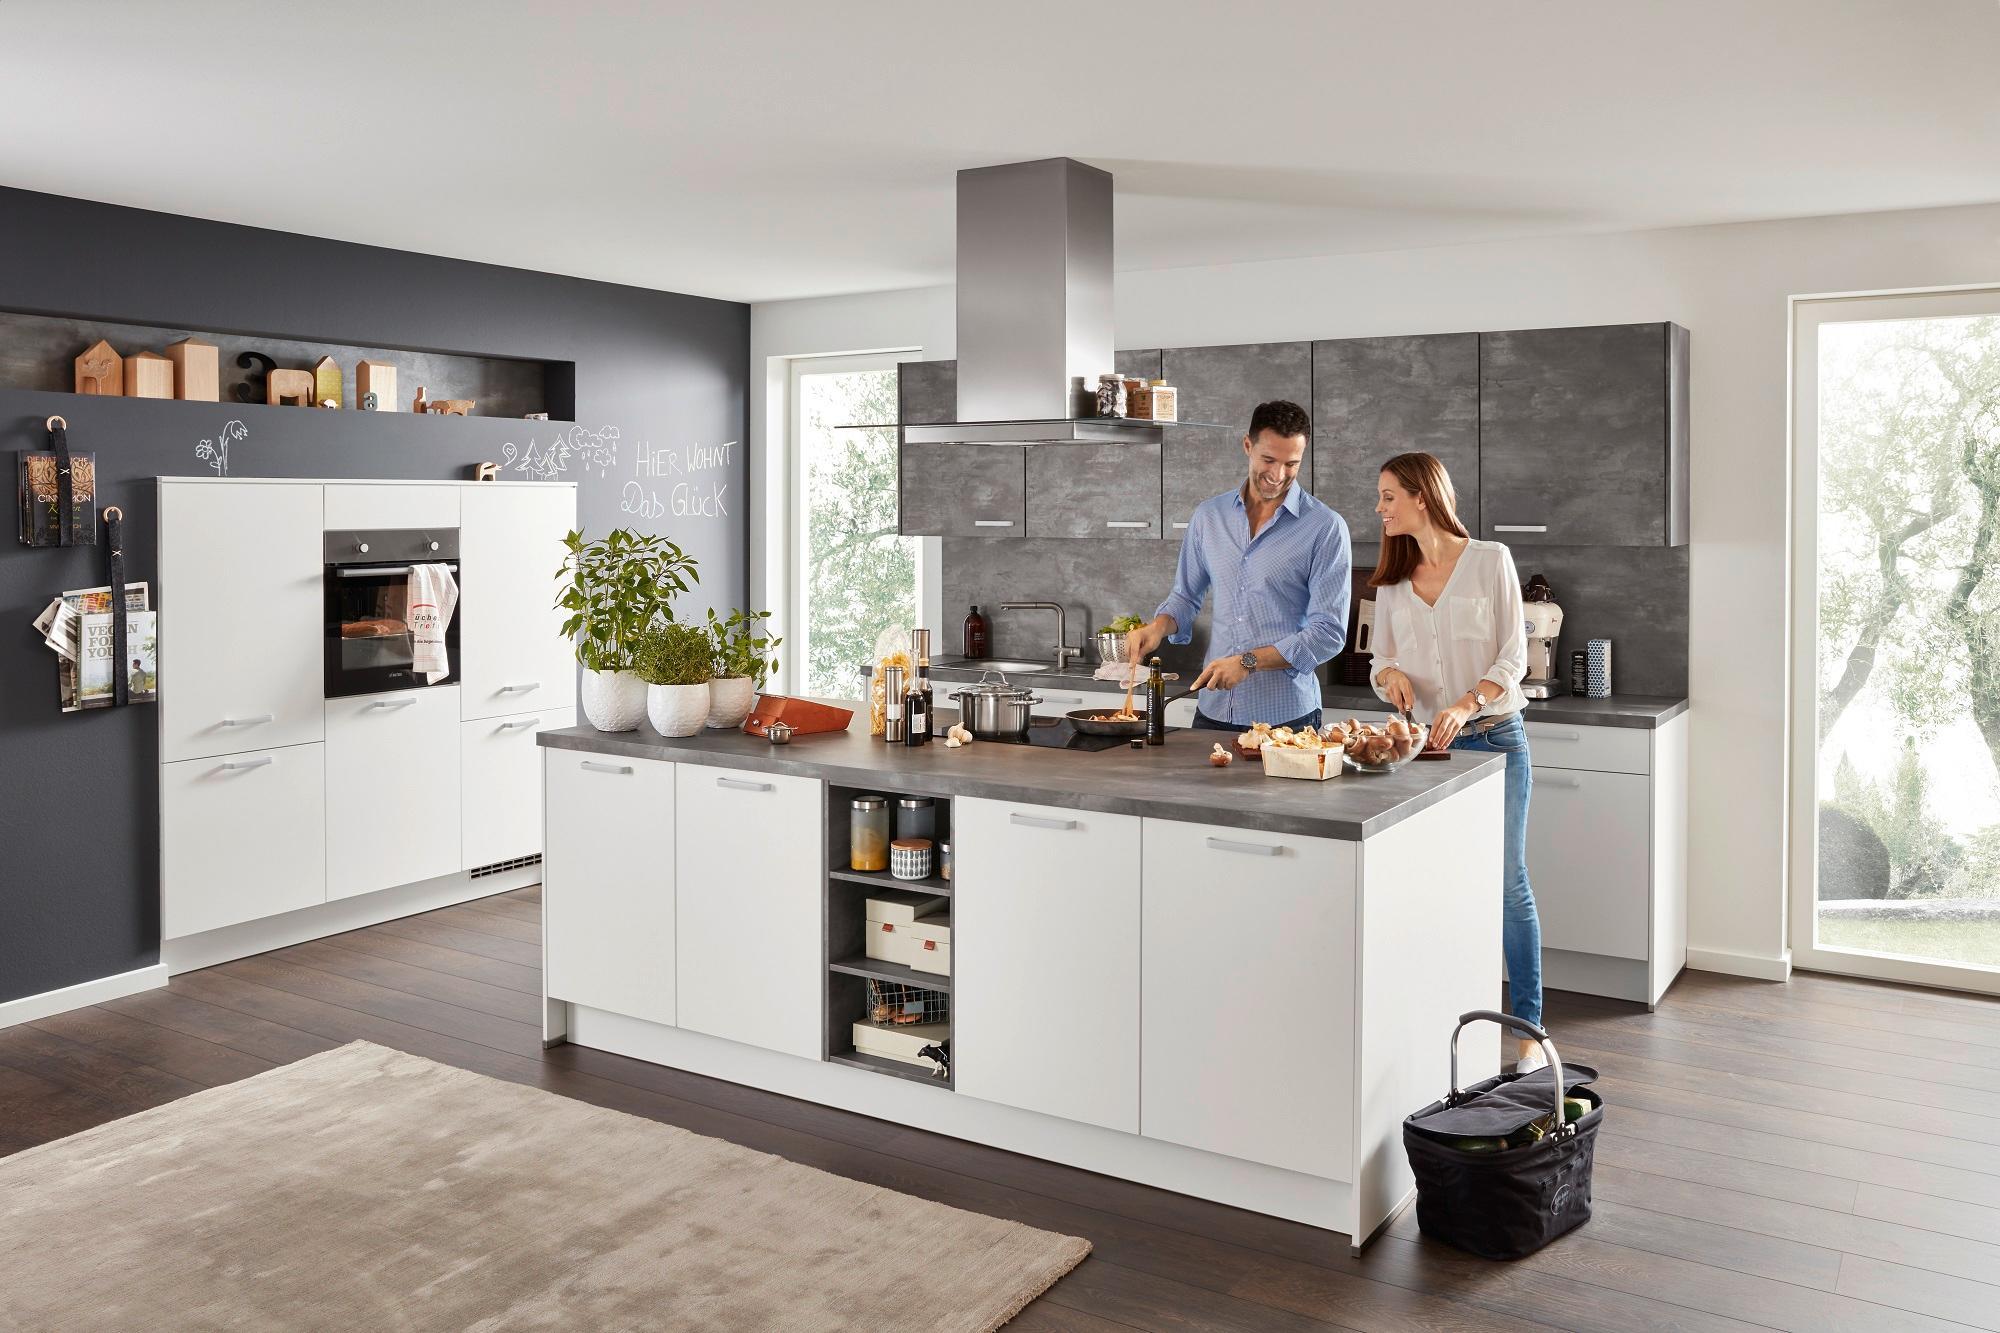 haus garten k chen 681 700 ergebnisse von infobel deutschland. Black Bedroom Furniture Sets. Home Design Ideas